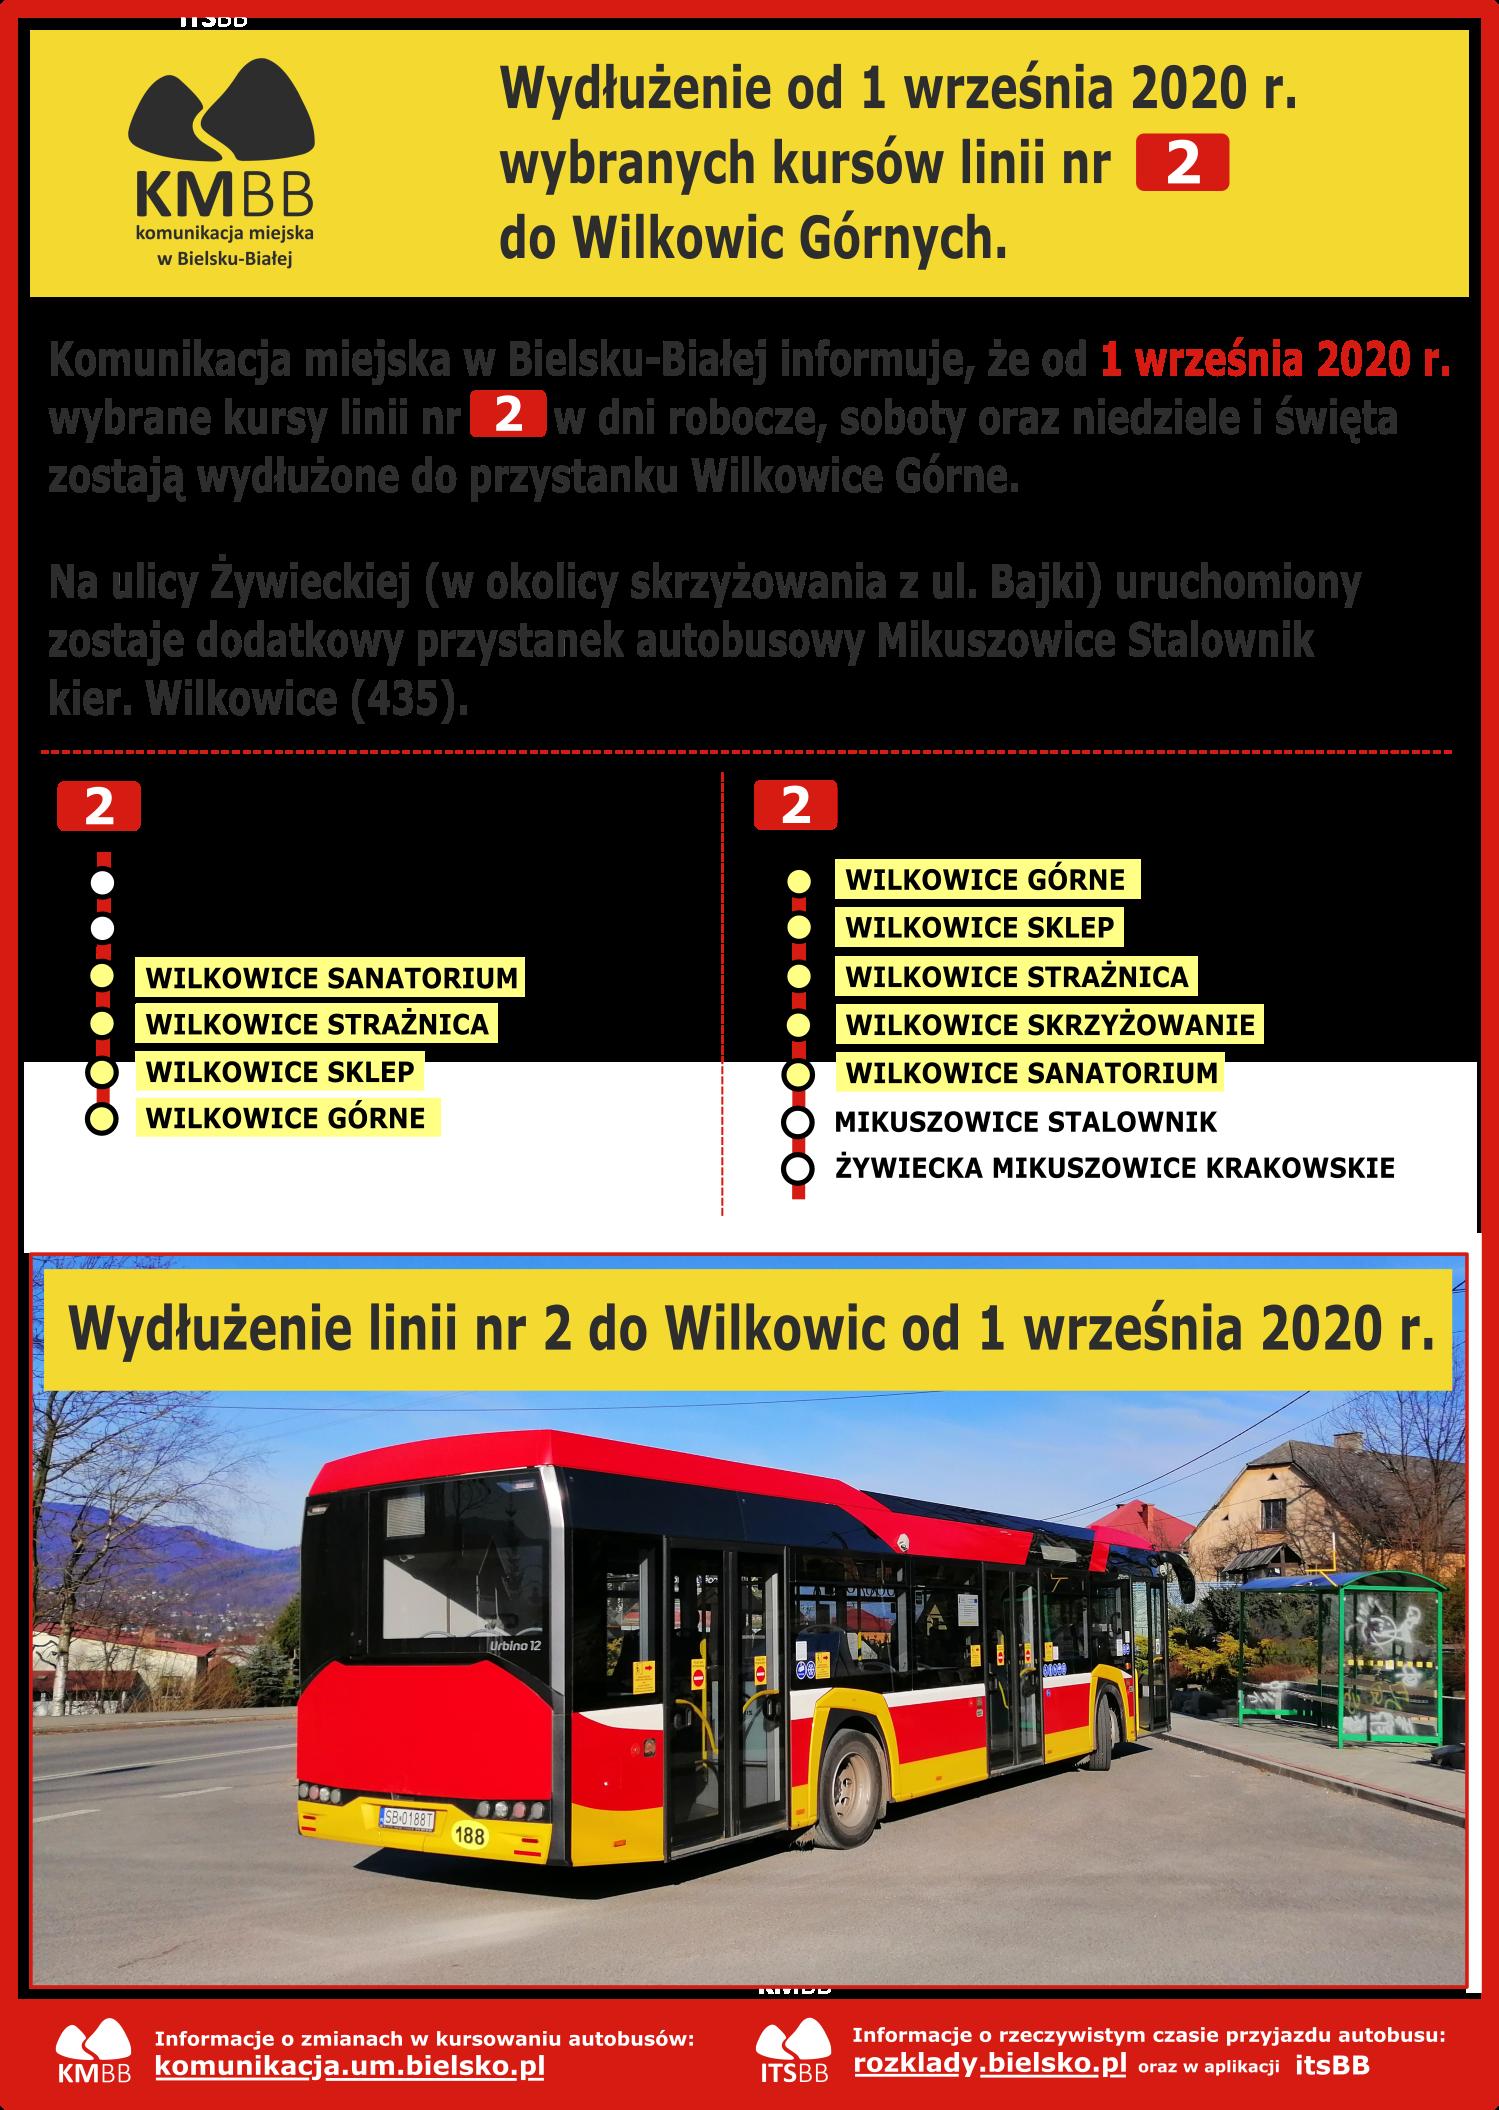 Wydłużenie linii nr 2 do Wilkowic.